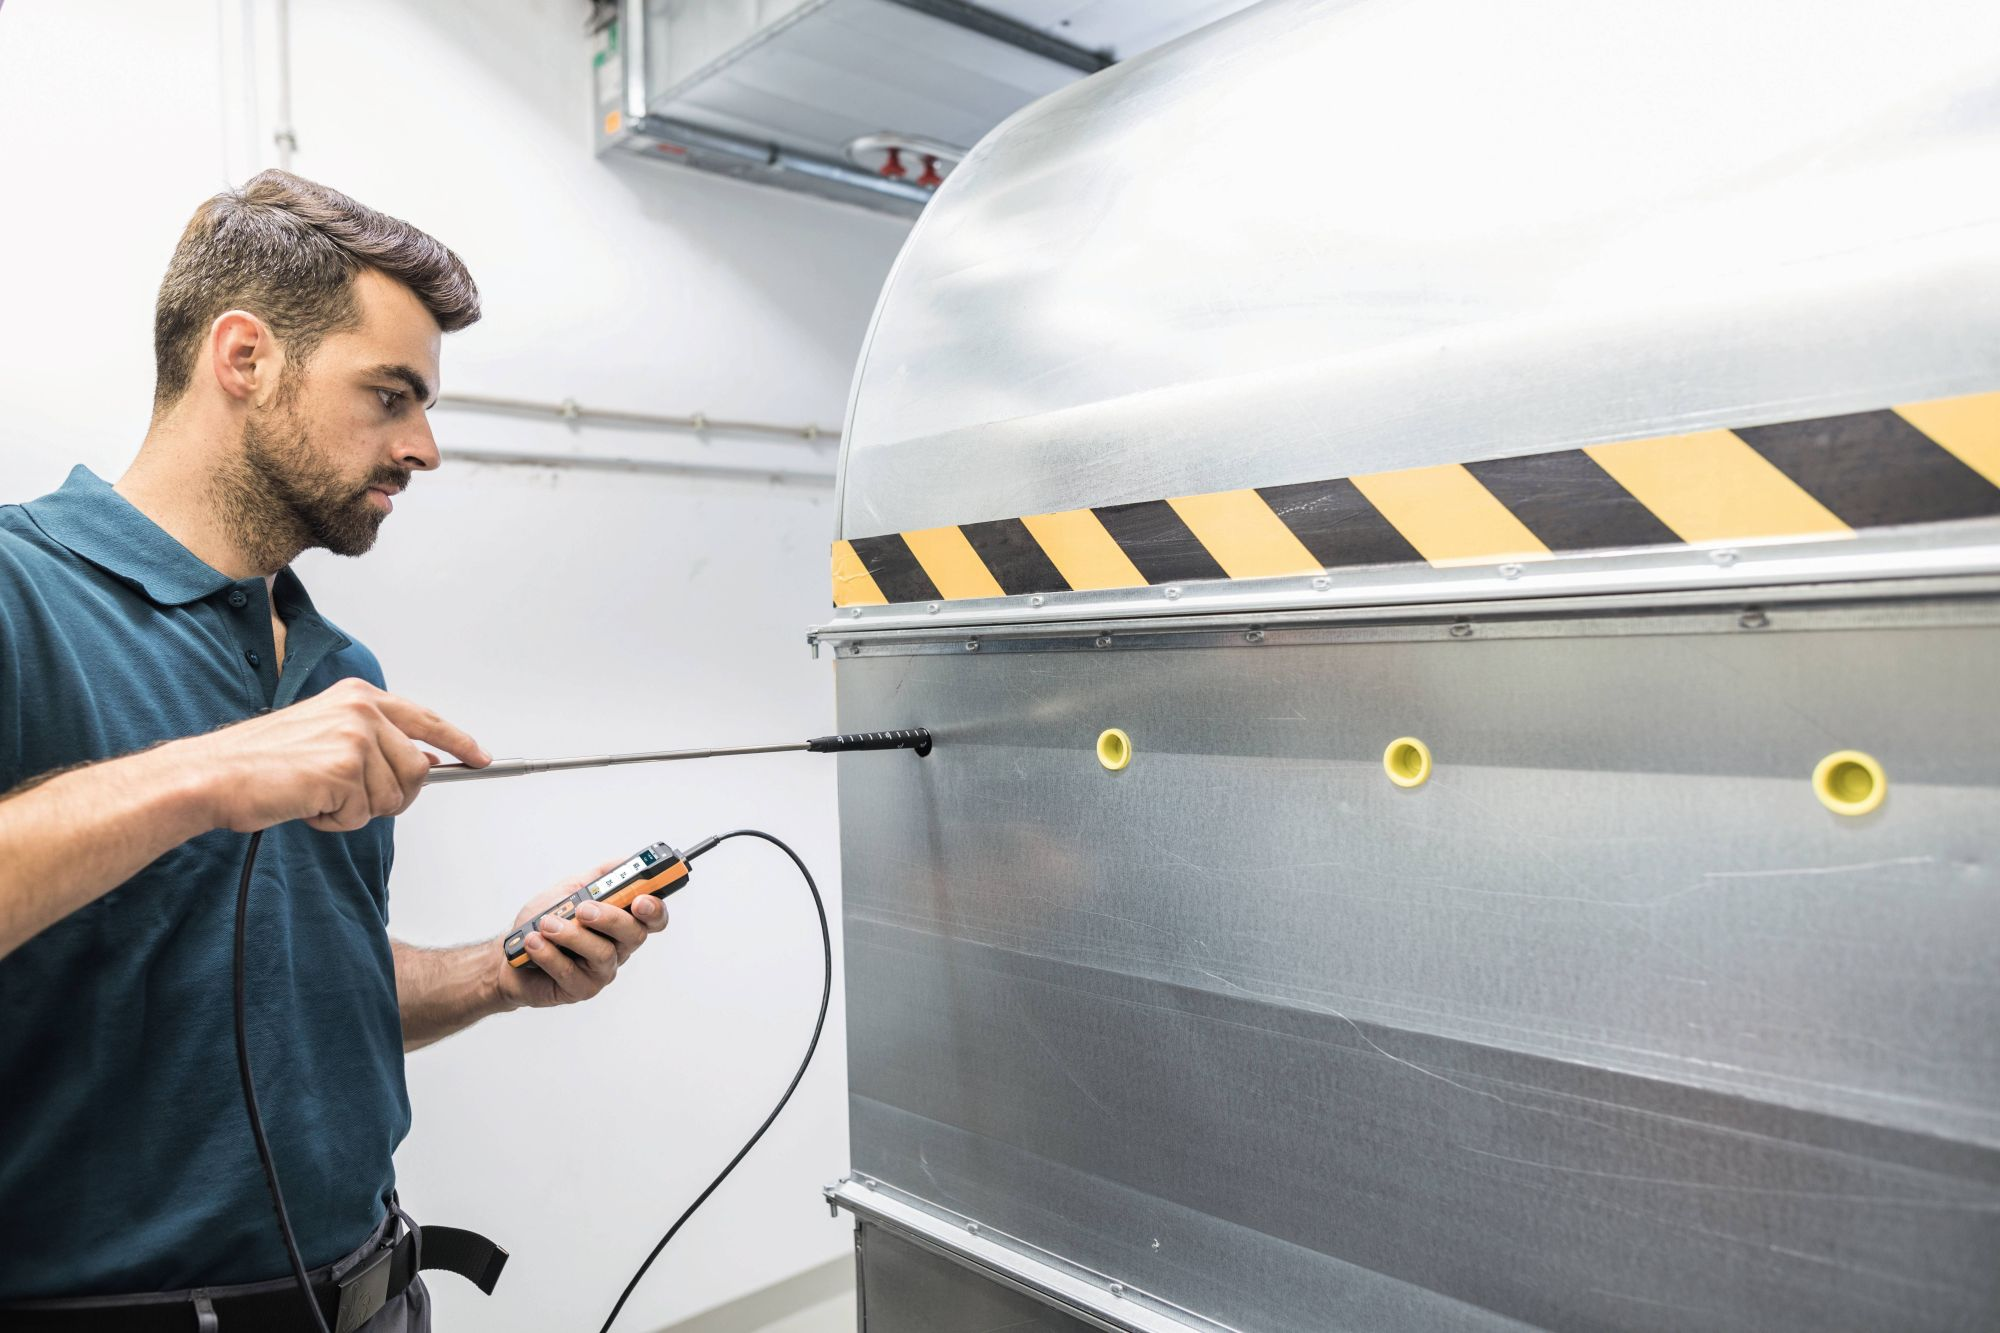 Medición de caudal  volumétrico en scanales de ventilación con sonda de molinete (Ø 16 mm) y testo 440